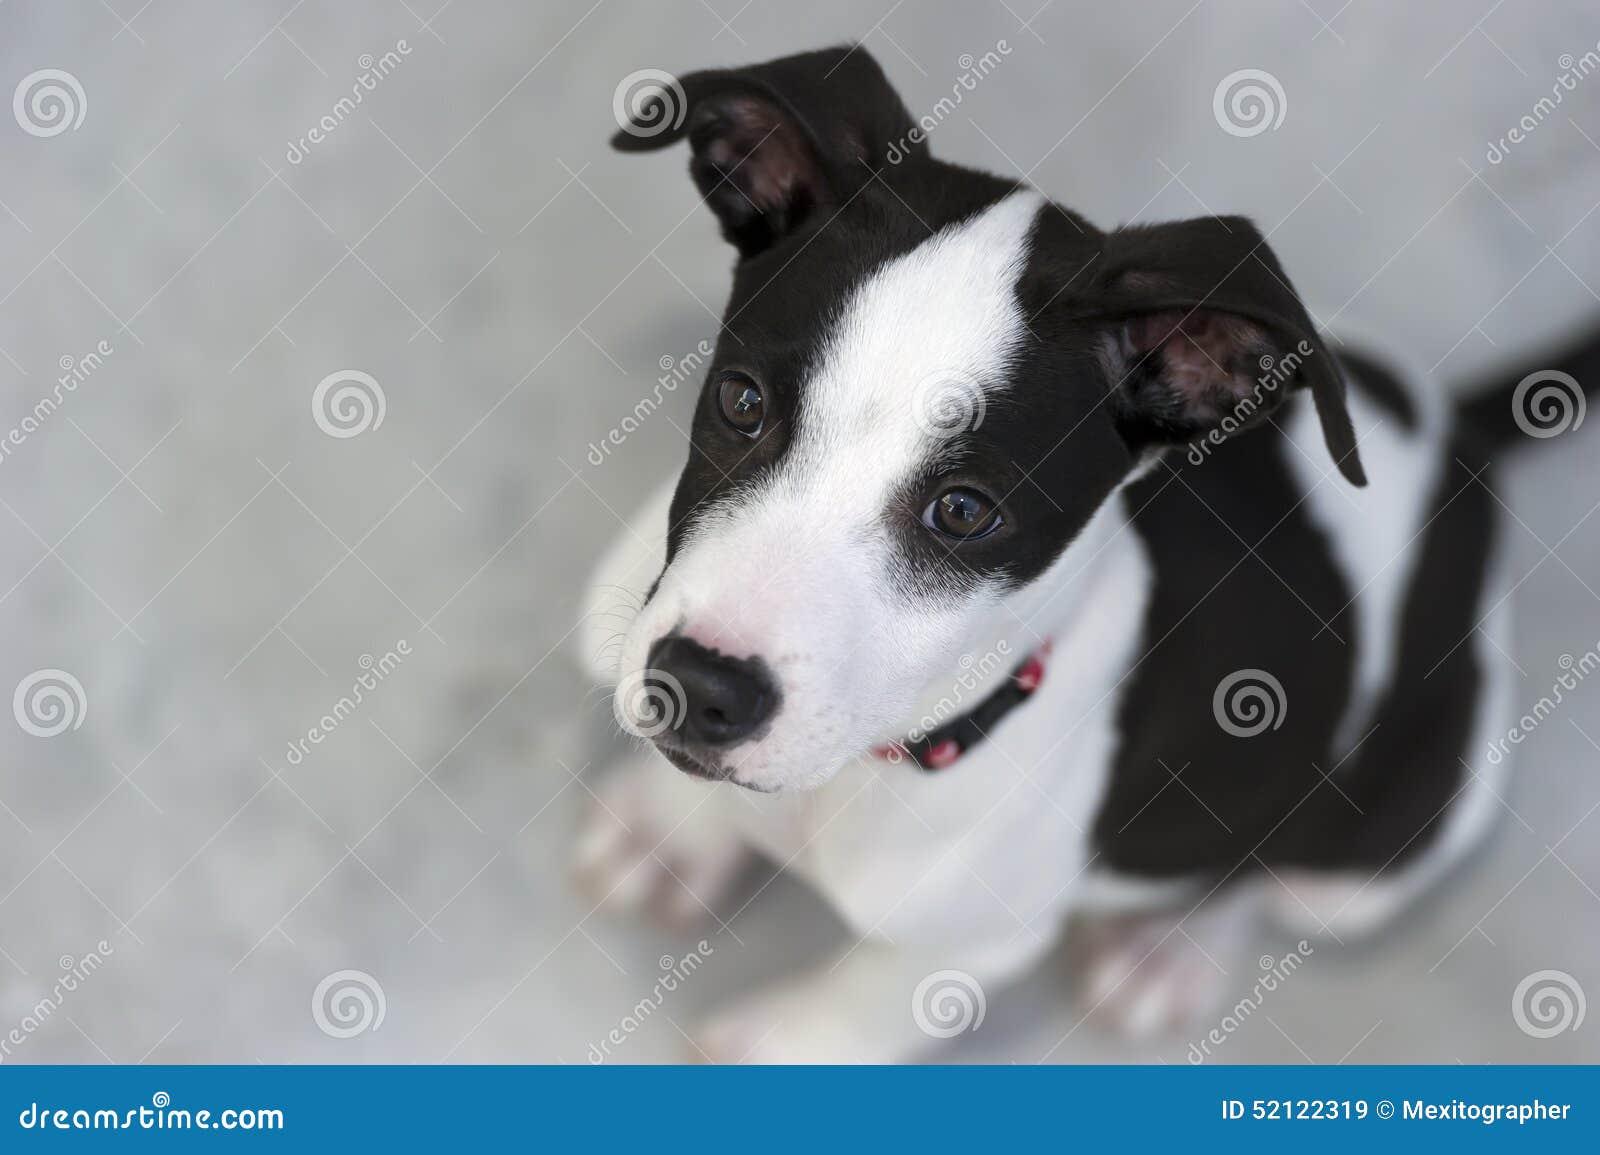 Dog Breed Big Eyes